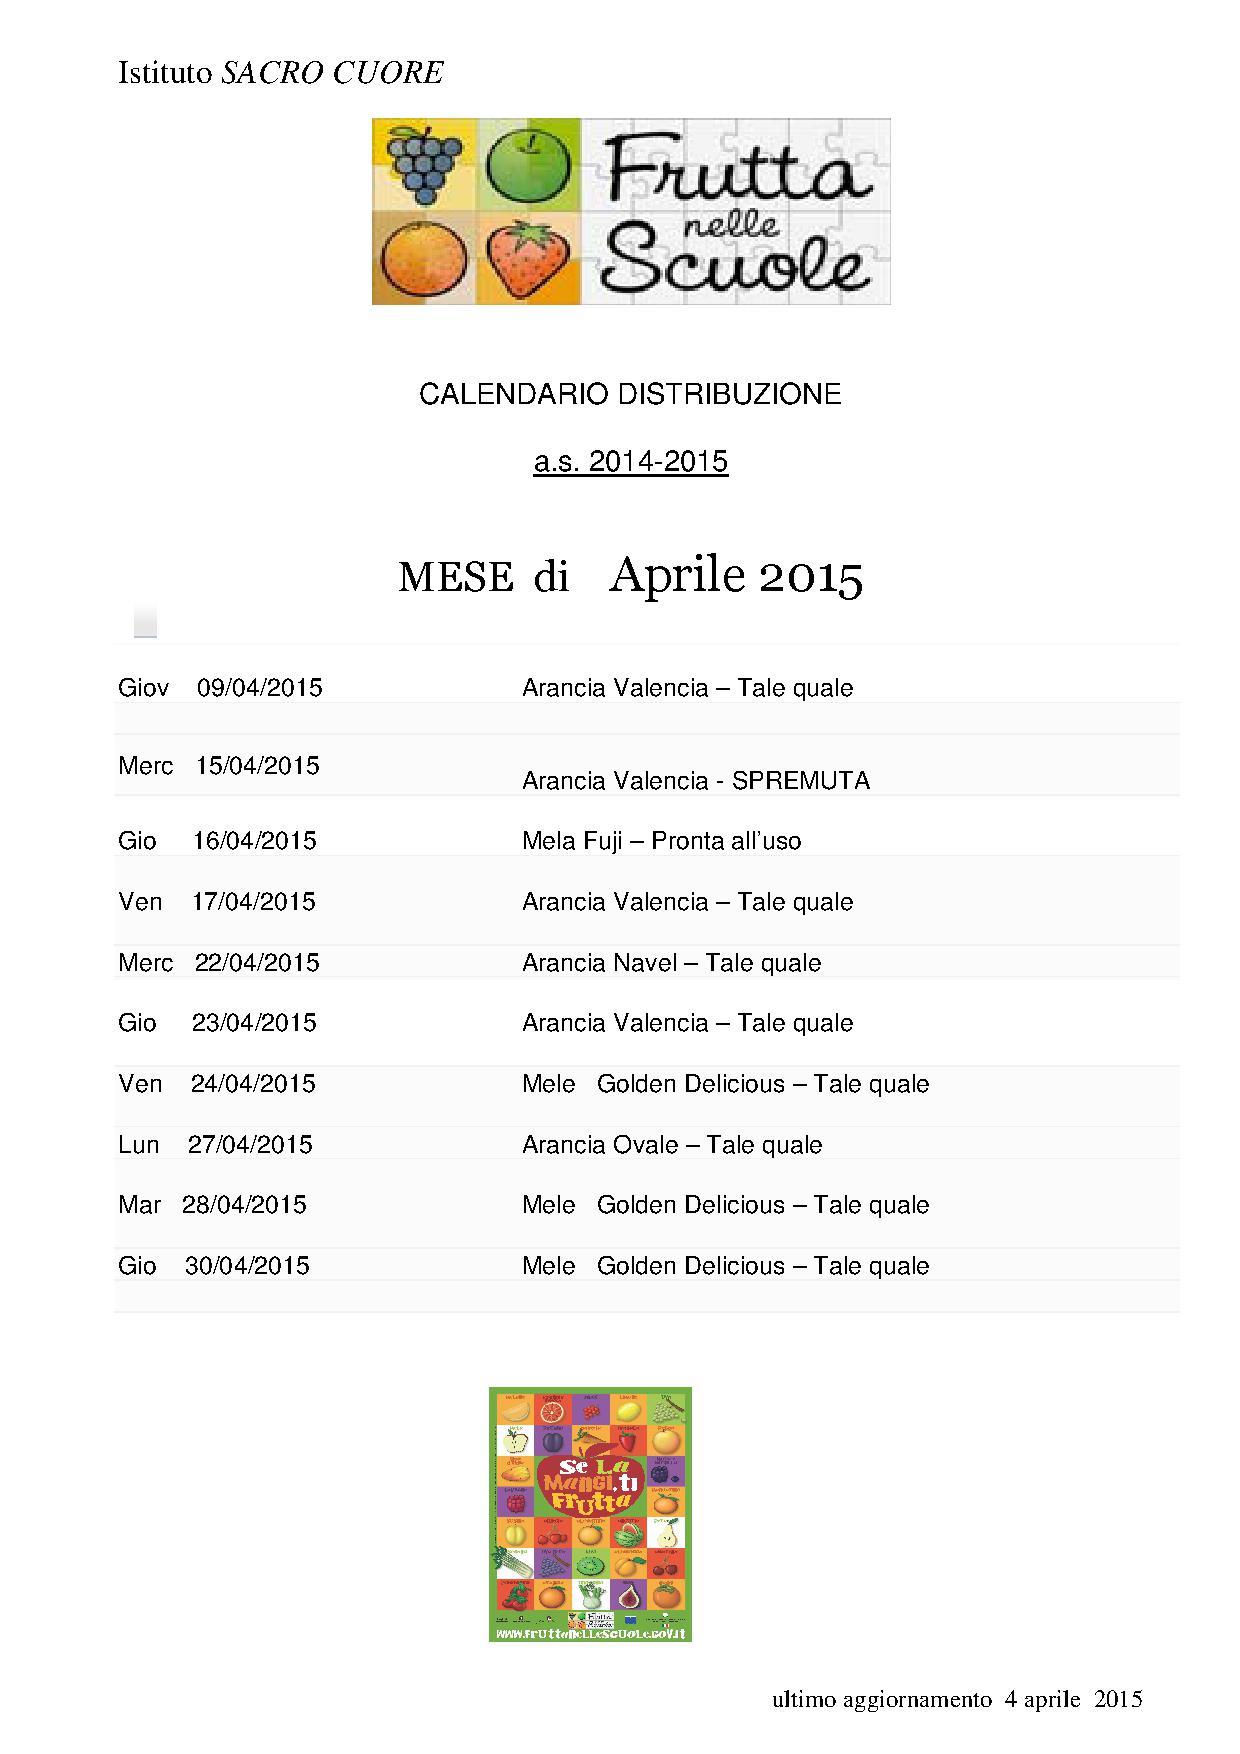 Frutta Nelle Scuole Calendario Distribuzione.Progetto Frutta Nelle Scuole Distribuzione Di Aprile